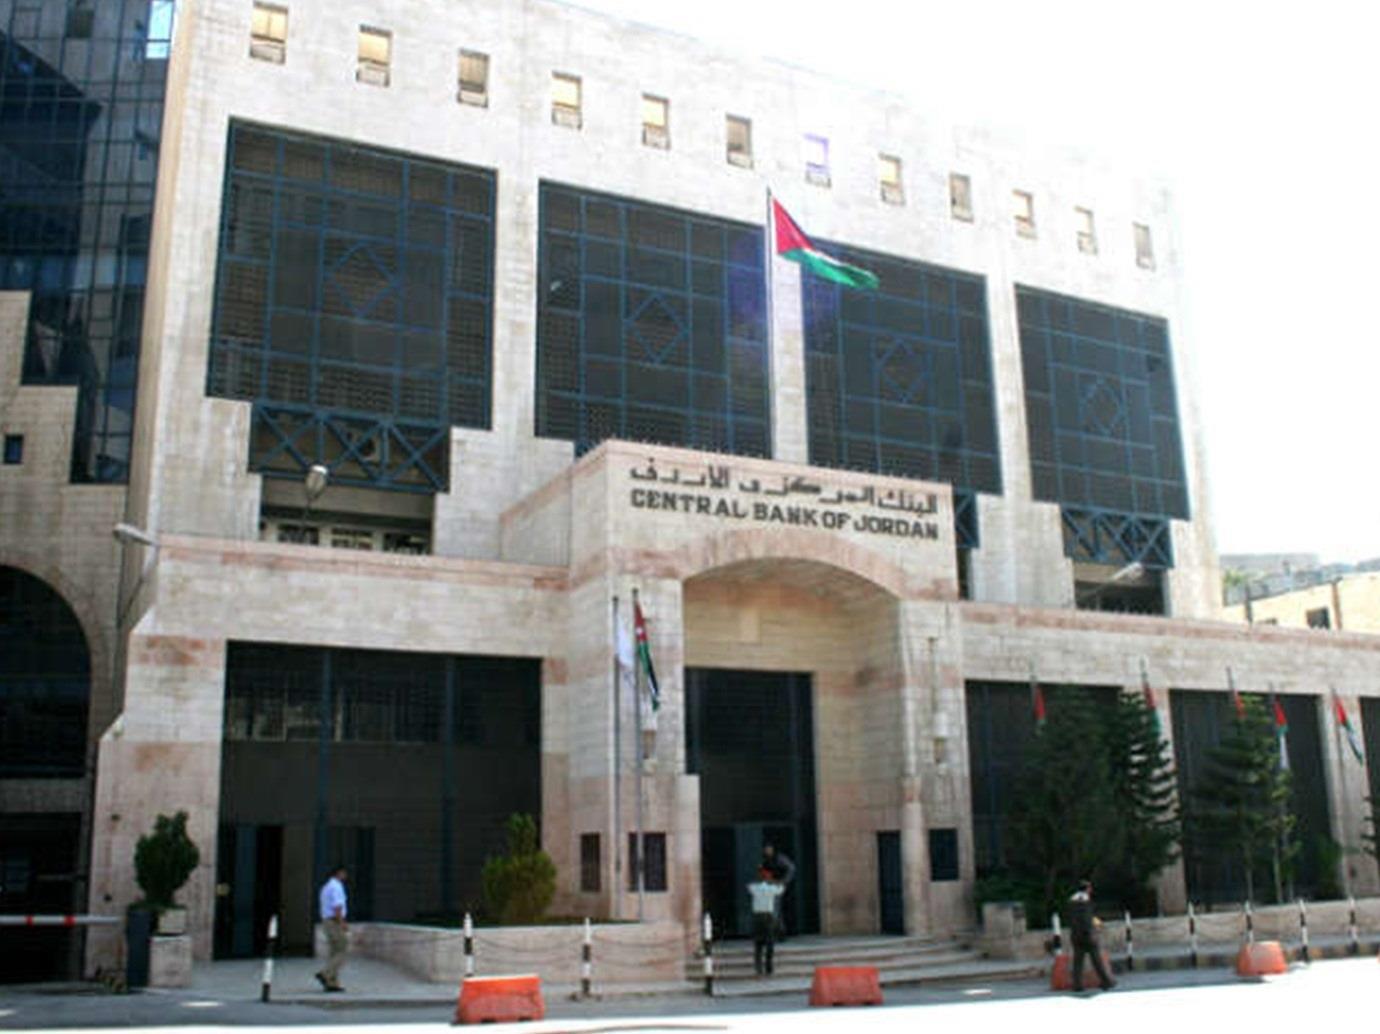 المركزي: البنوك في الأردن تتمتع بمؤشرات مالية صحية وسليمة